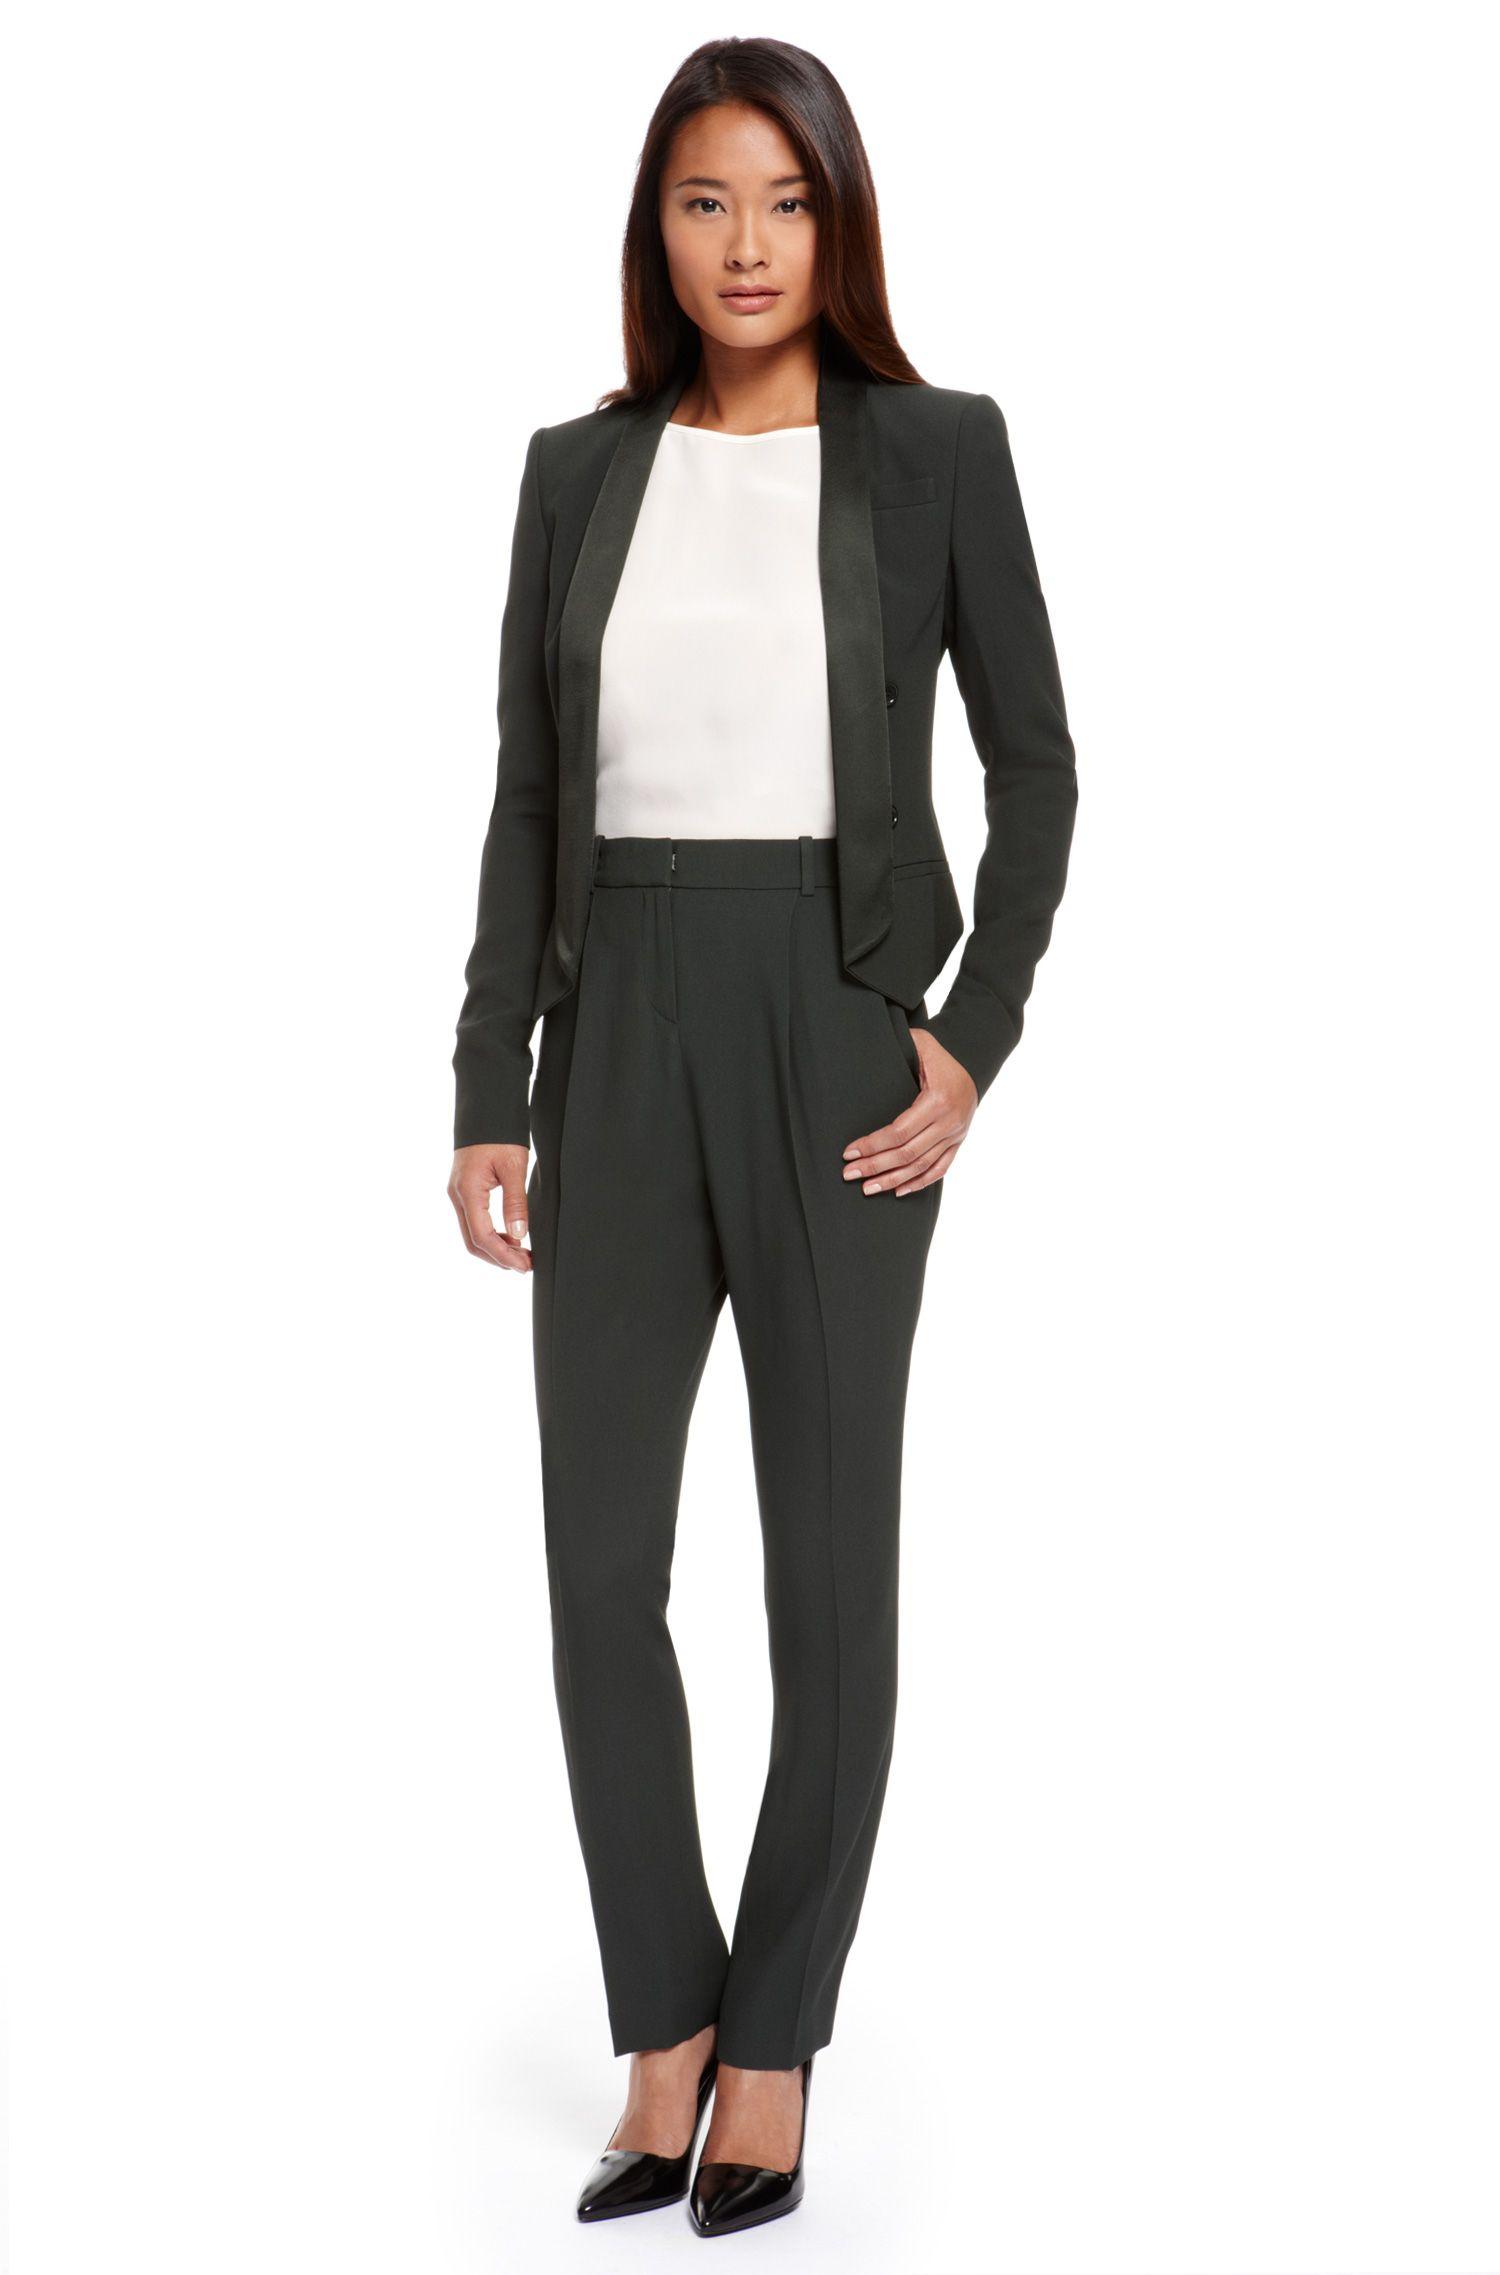 Viscose-Blend Pant Suit